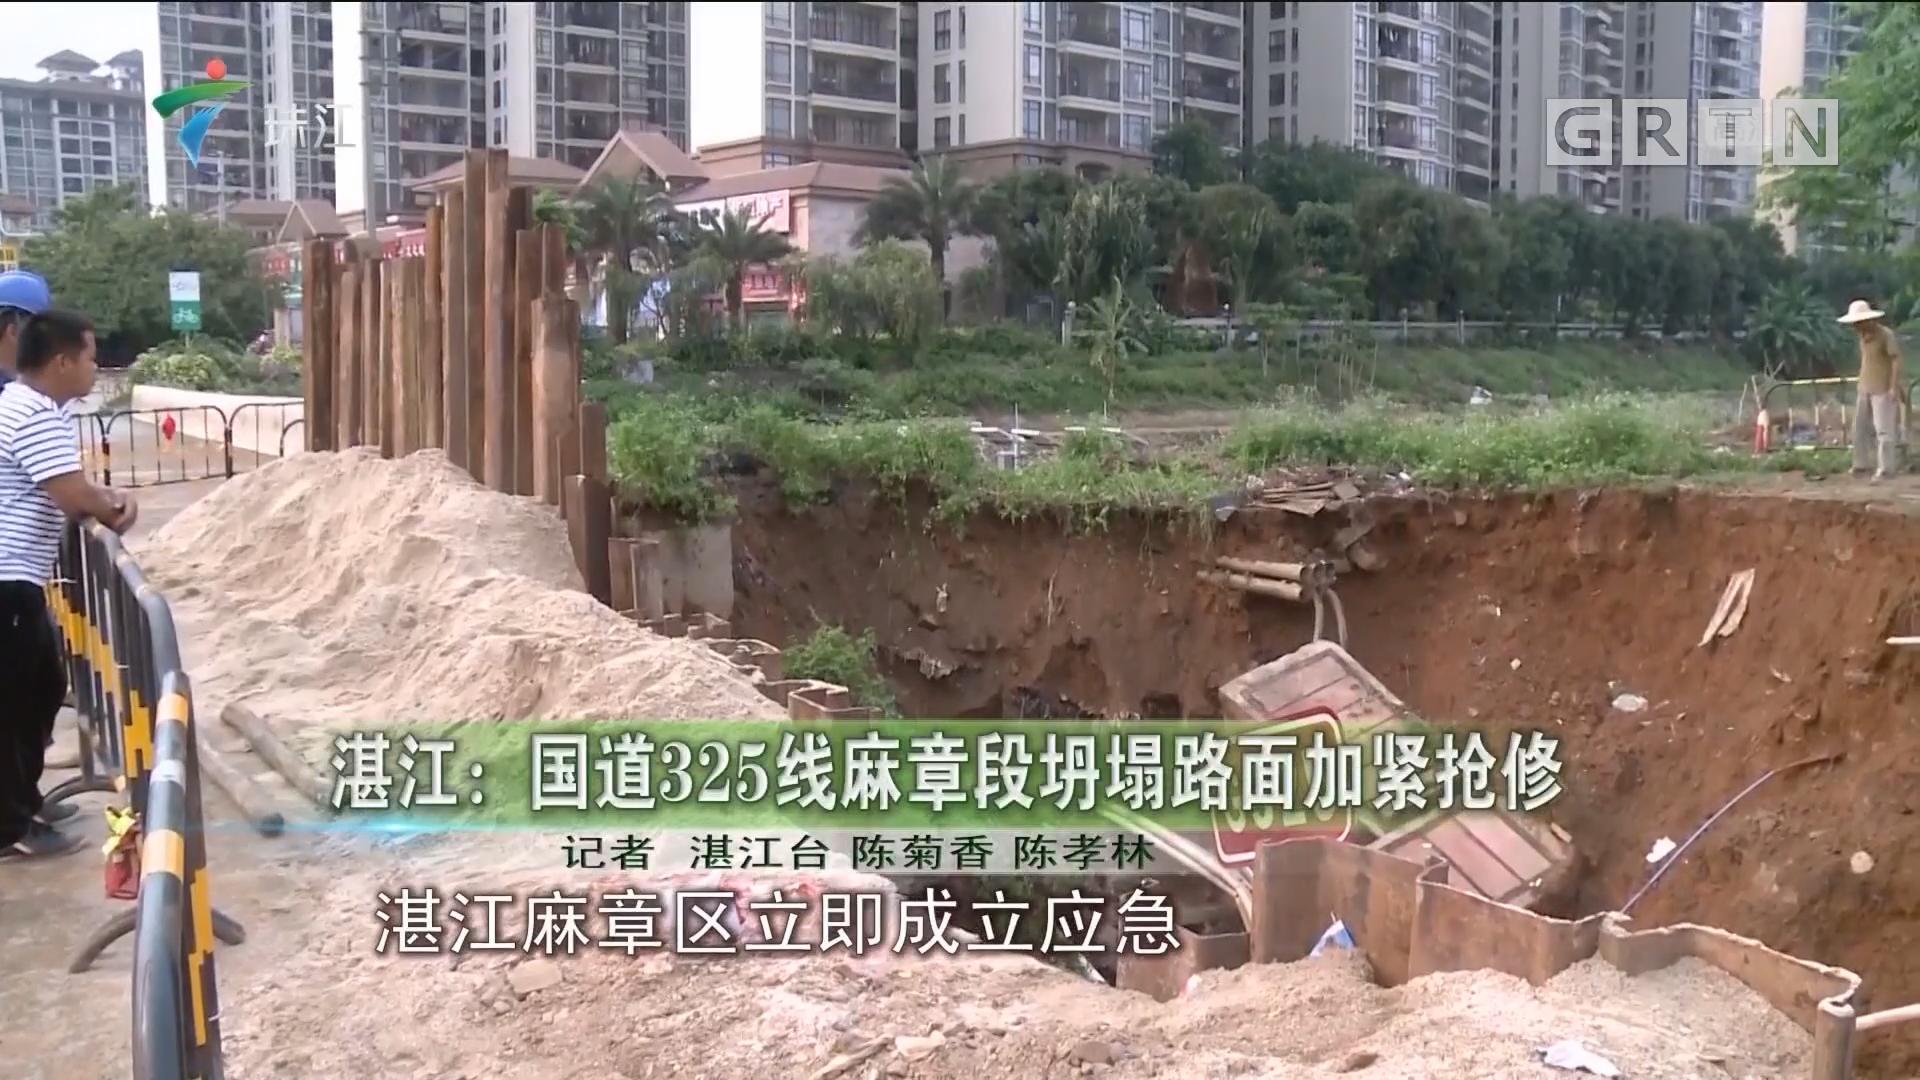 湛江:国道325线麻章段坍塌路面加紧抢修